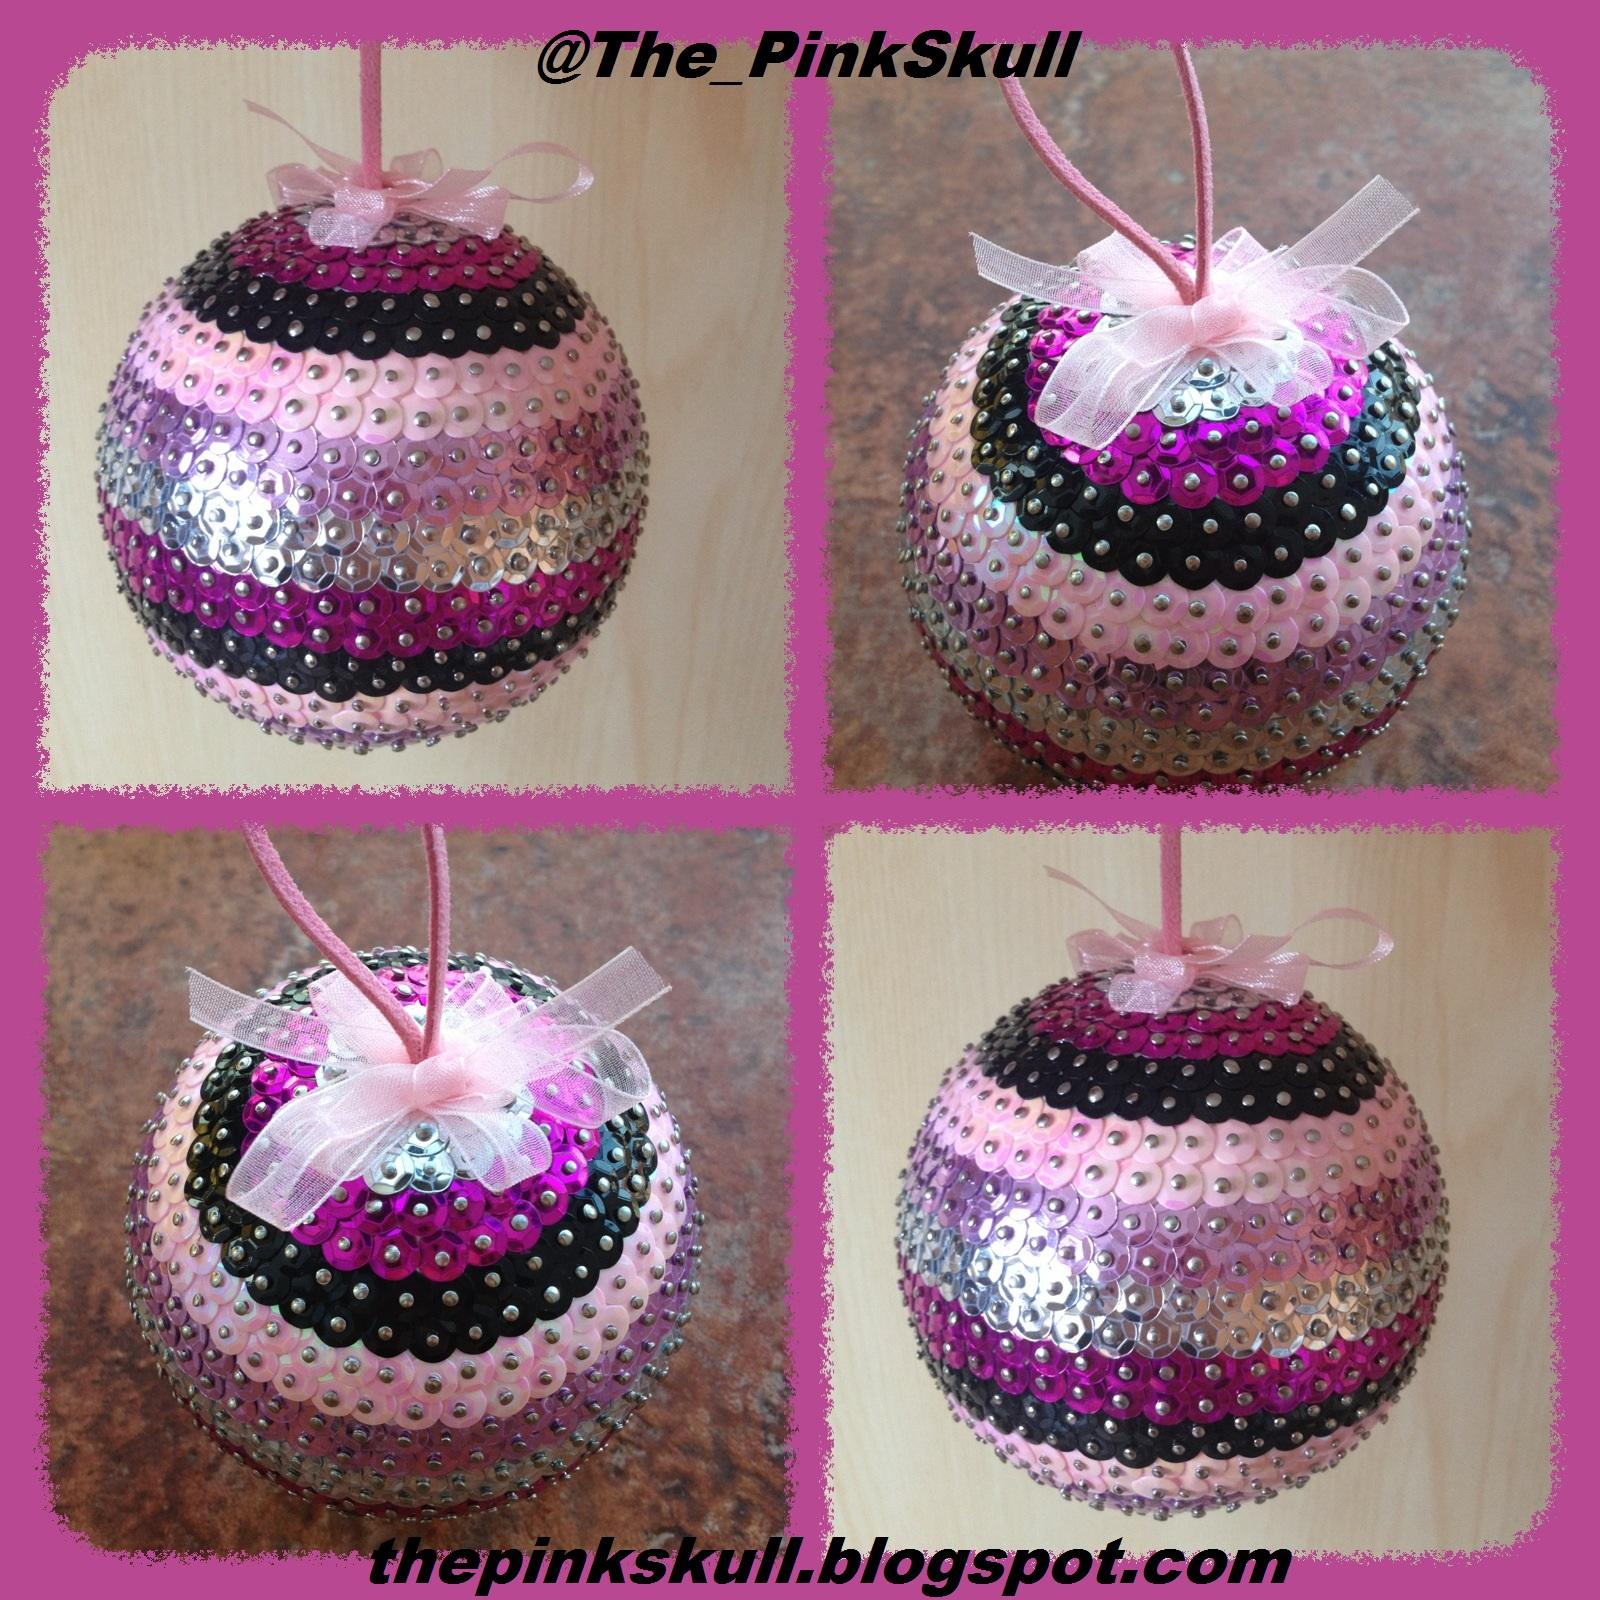 The pink skull bola de navidad con lentejuelas - Bolas de navidad grandes ...